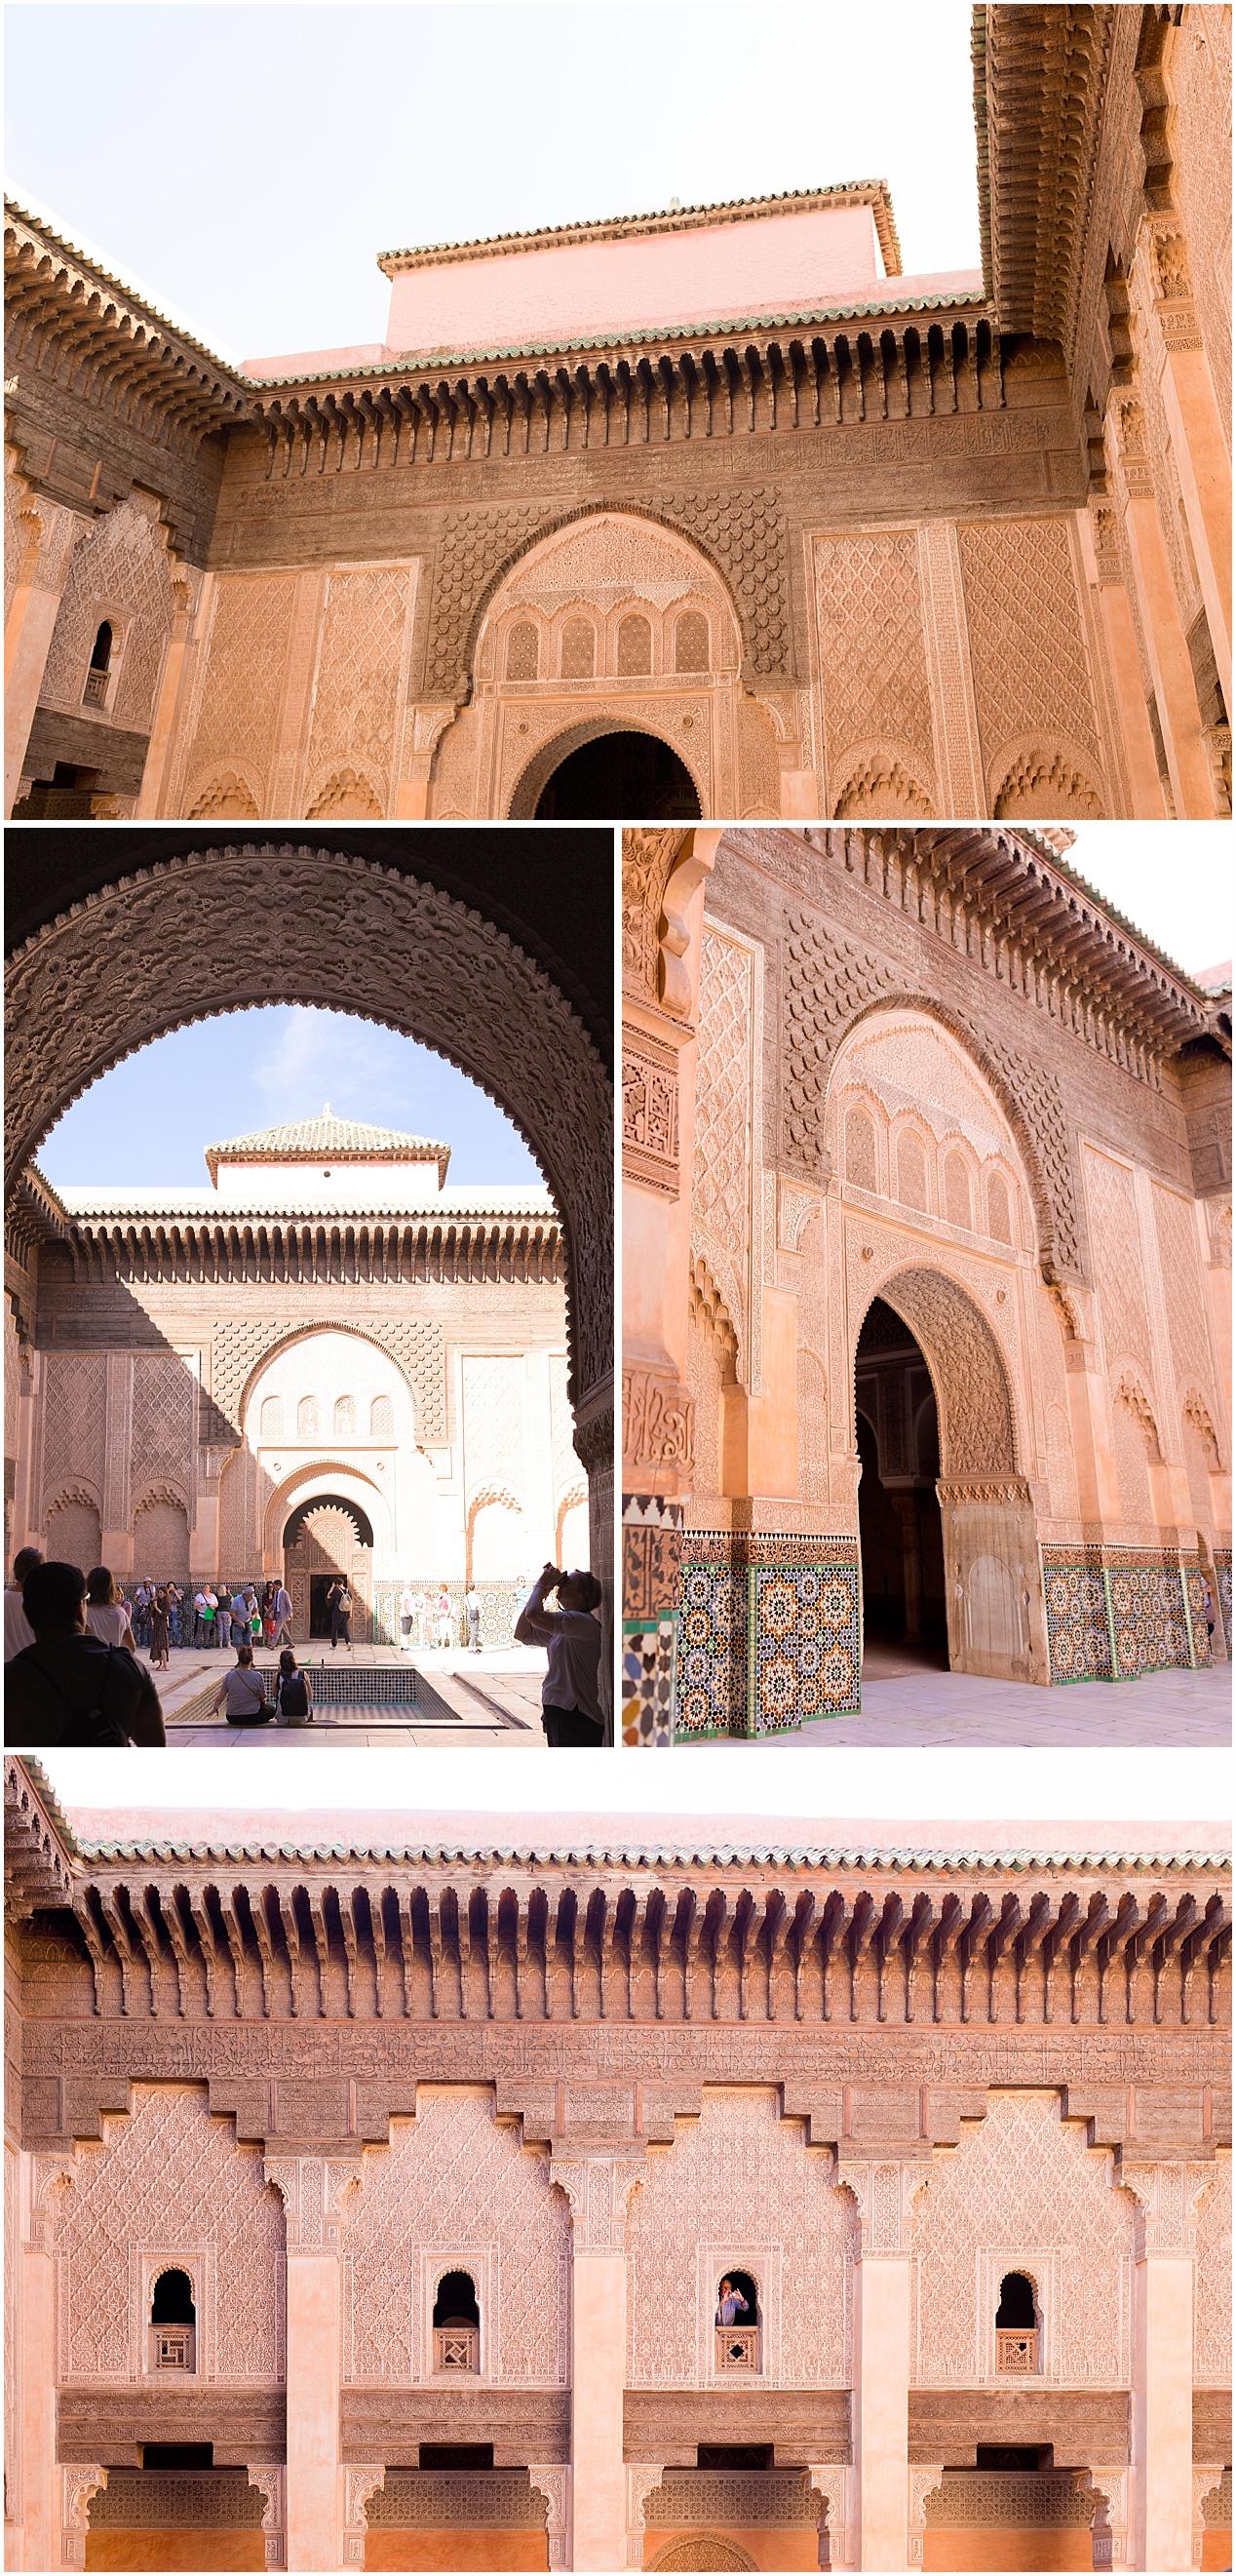 exterior of Medersa Ben Youssef in Marrackech, Morocco